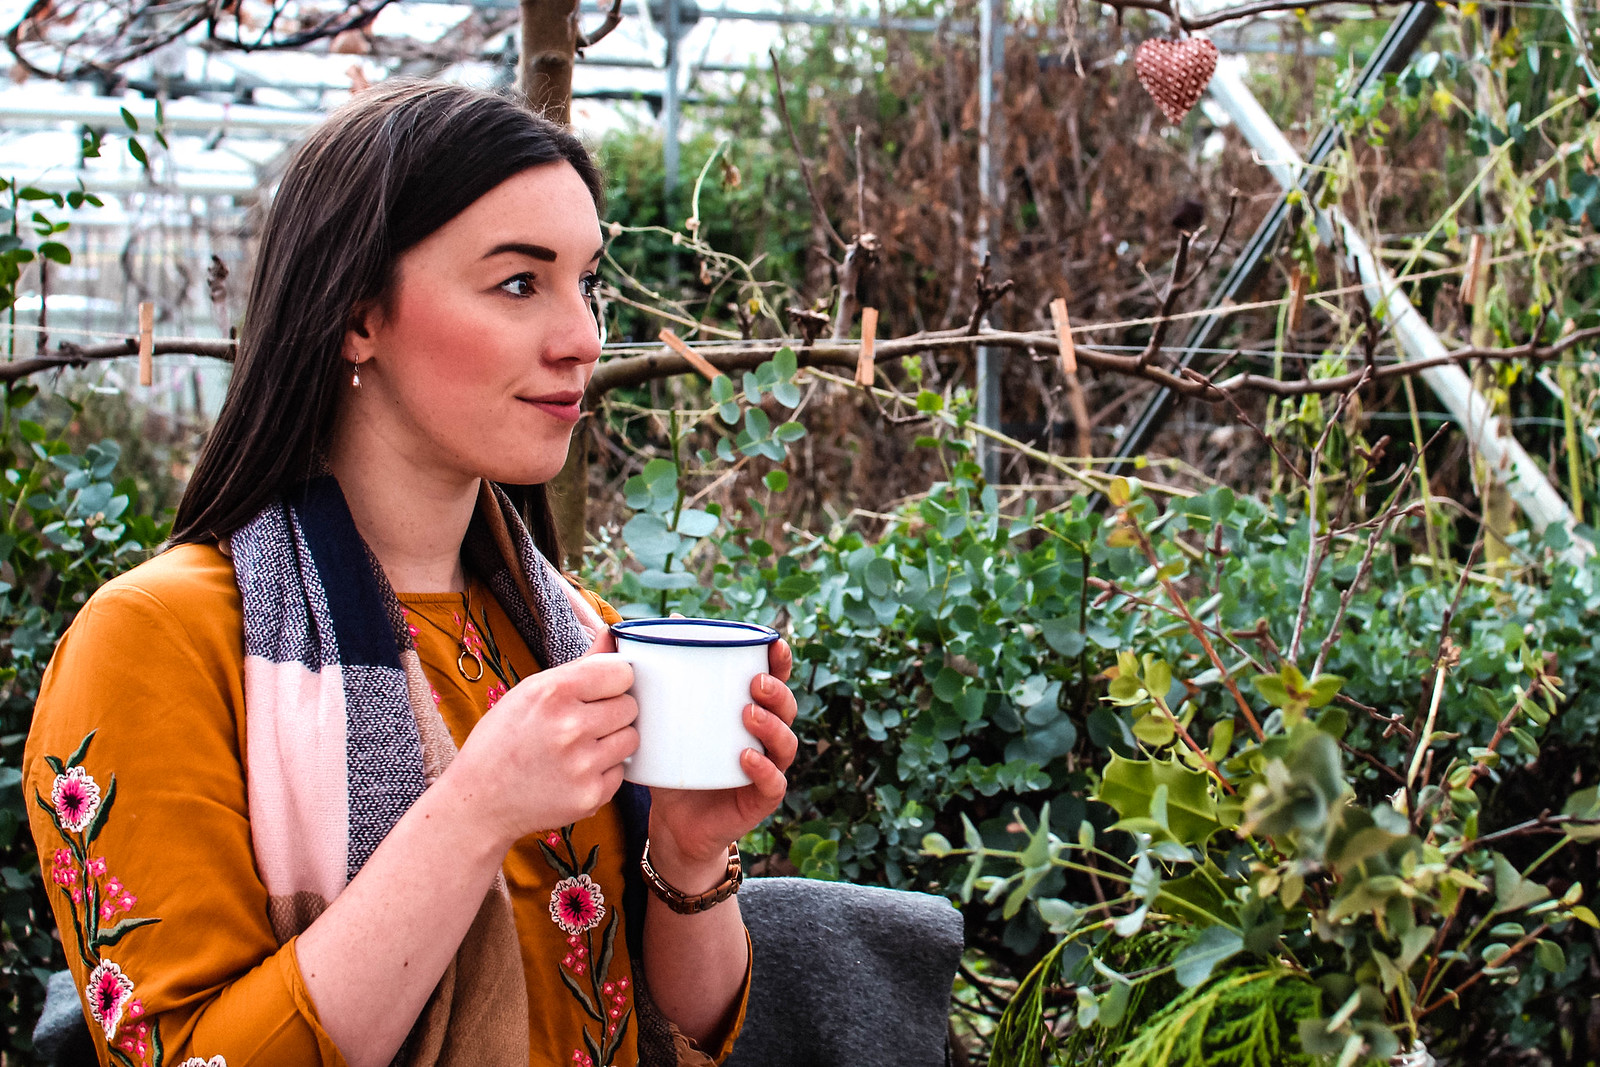 Edinburgh Secret Herb Garden Review Lifestyle blogger travel UK The Little Things IMG_7715